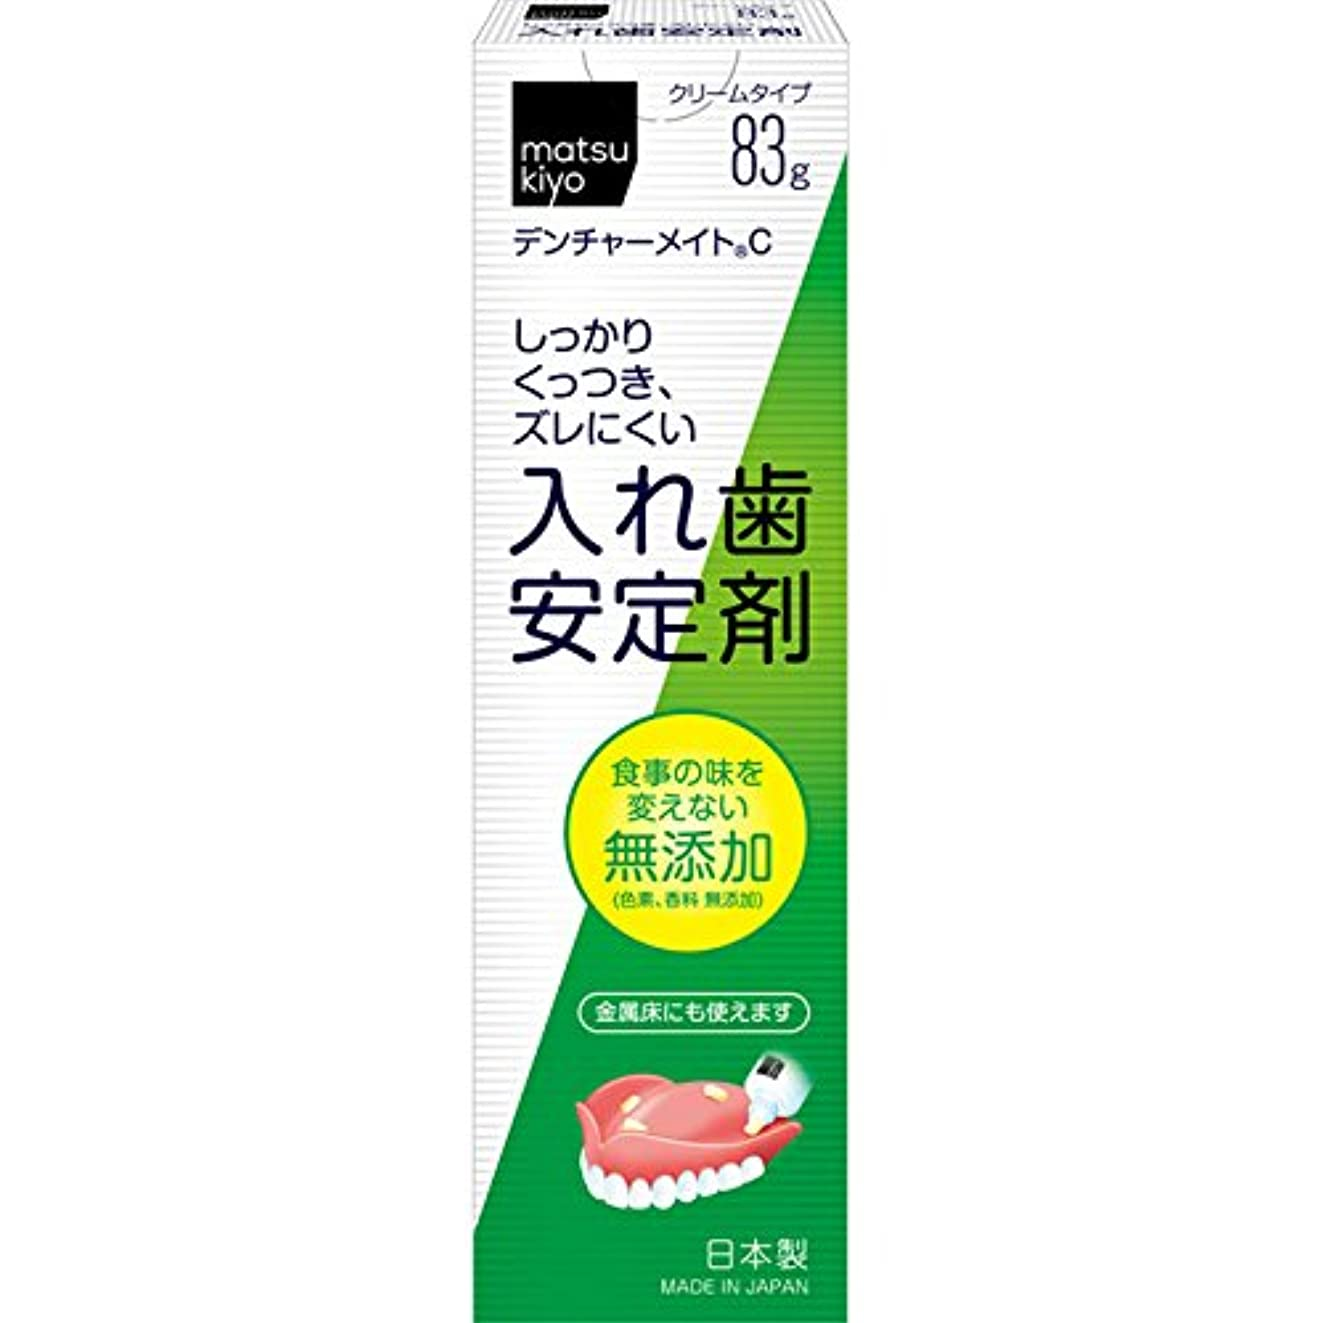 全国実験室大学院matsukiyo 入れ歯安定剤 無添加 83g